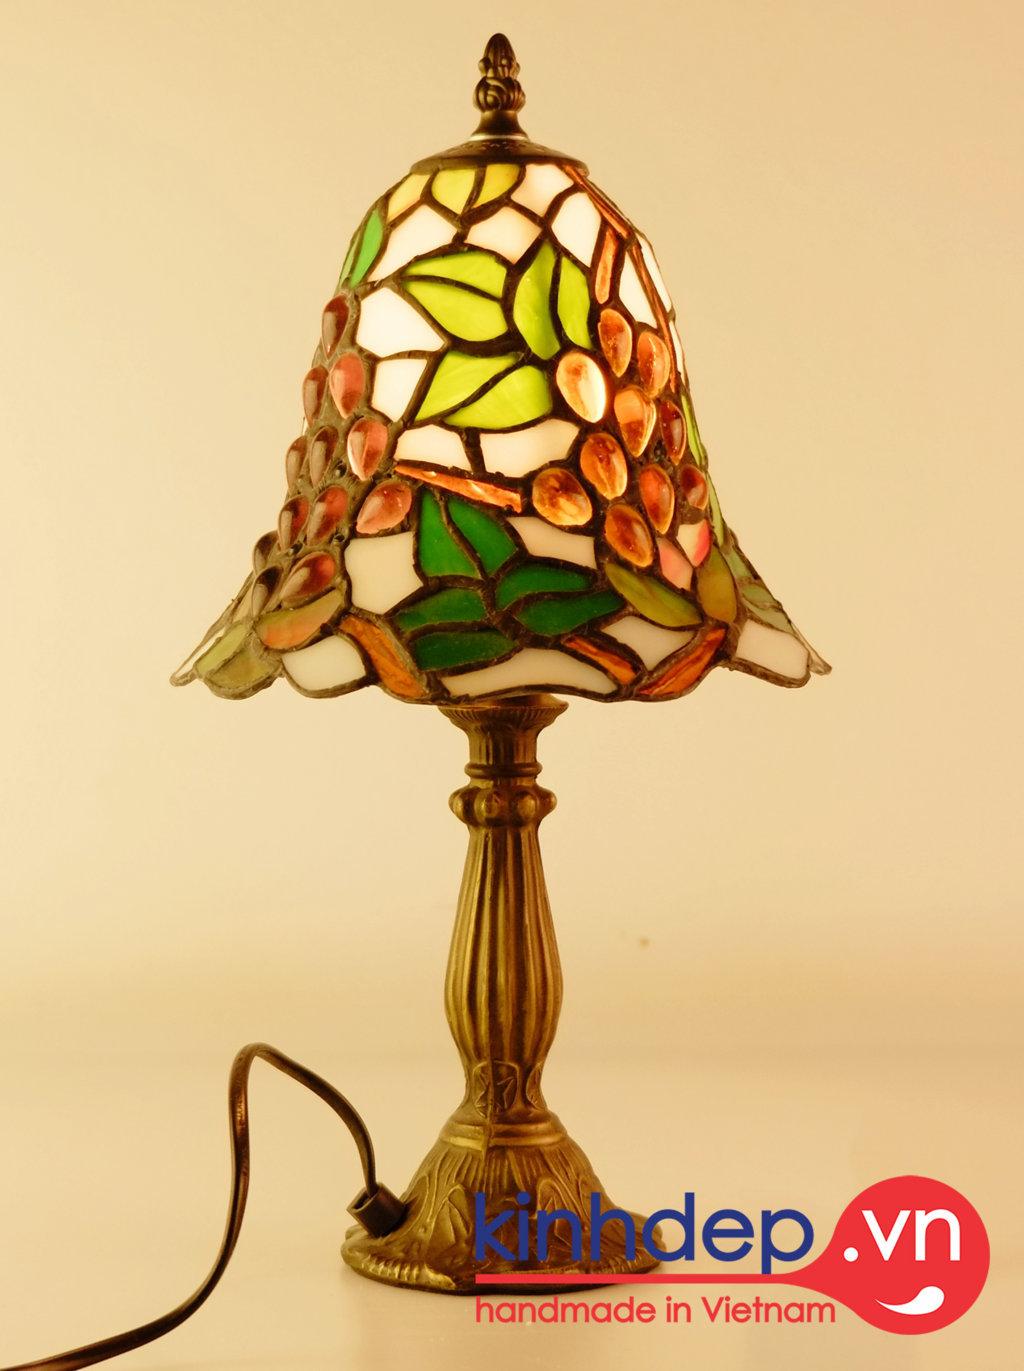 Mẫu đèn gắn tường Tiffany – T27KD